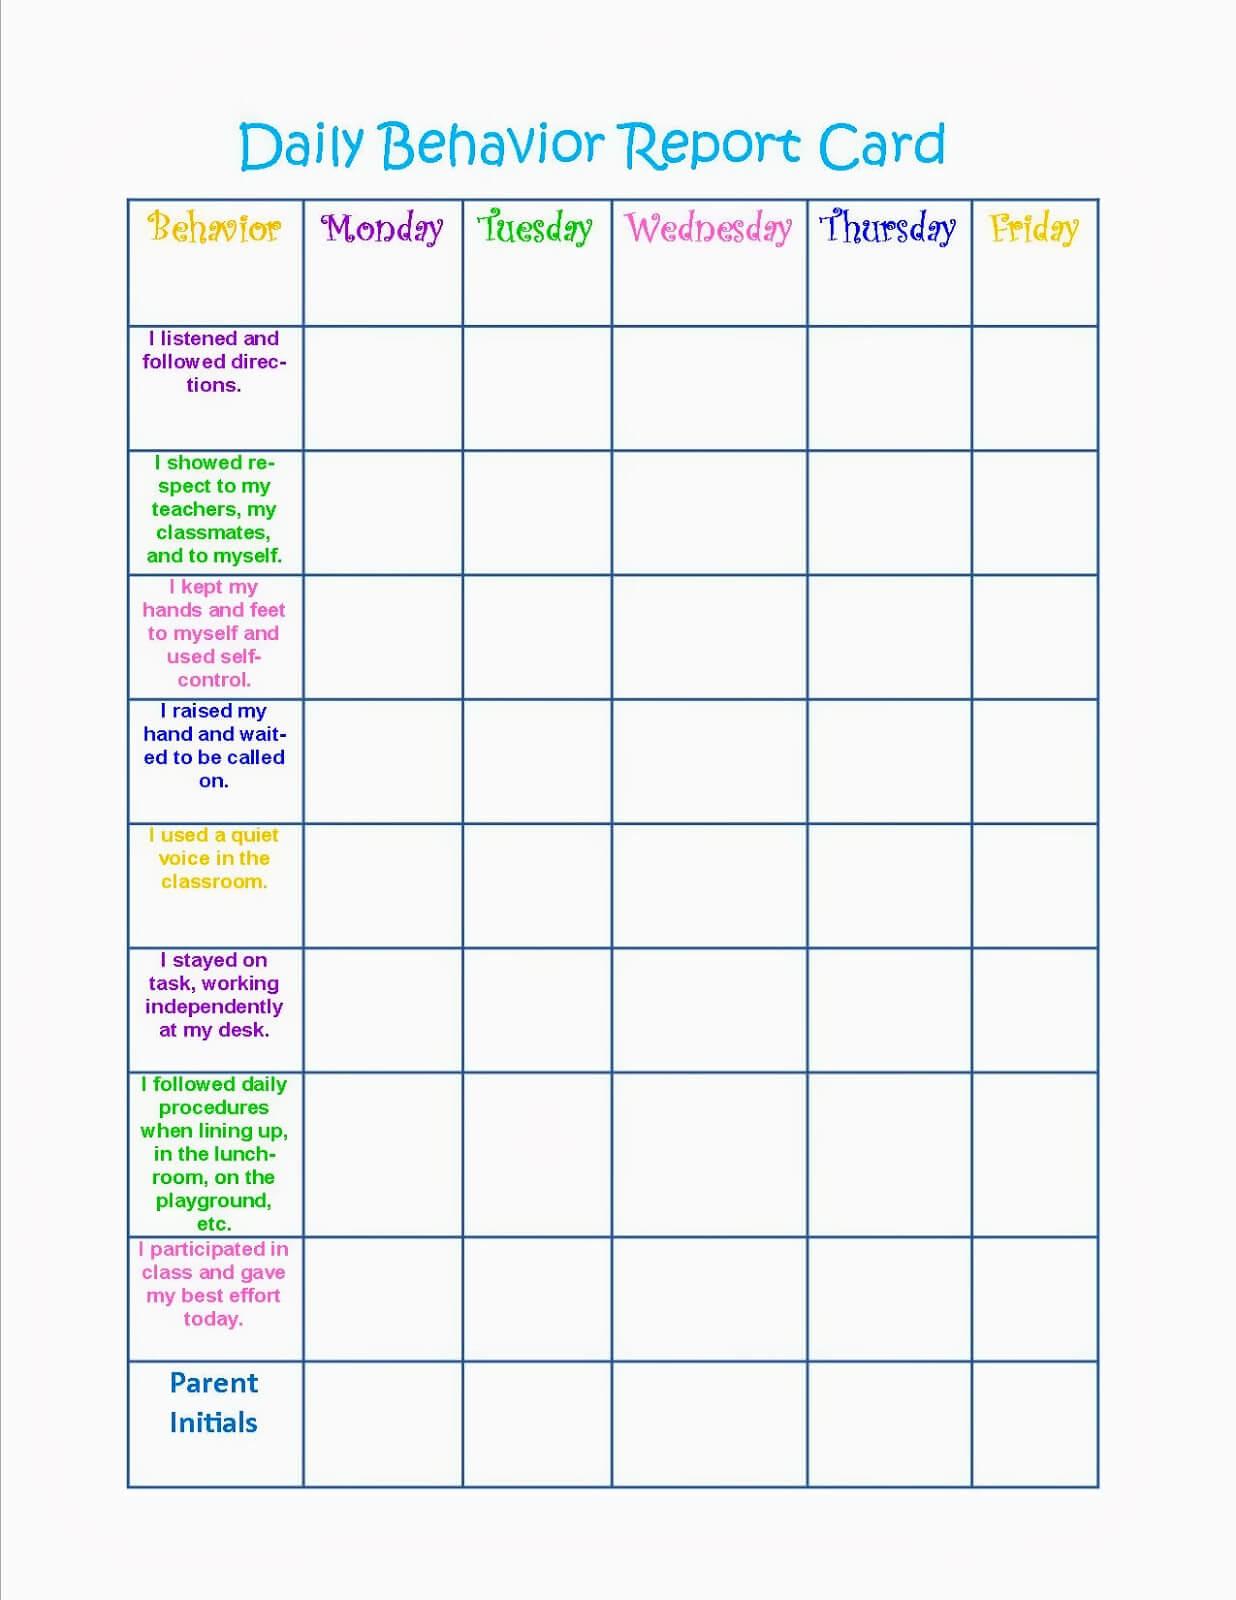 Monthly Behavior Chart Template New Calendar Template Site Within Daily Behavior Report Template